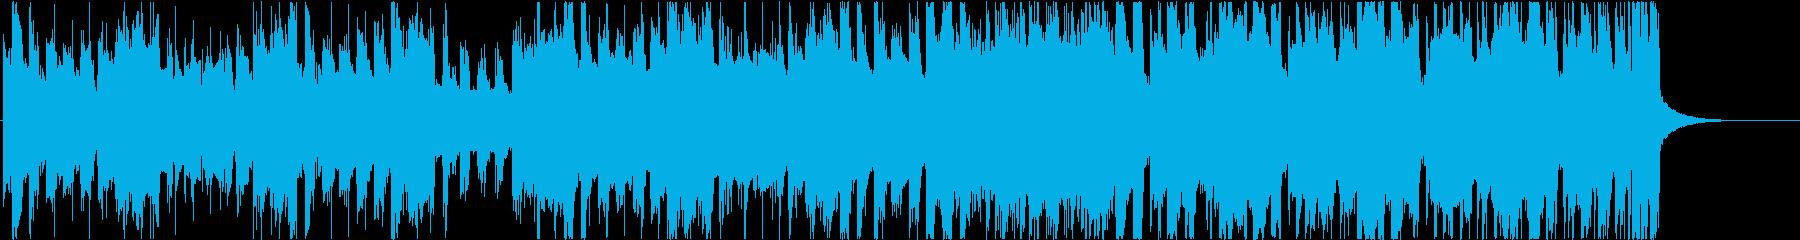 ドラマチックチップチューン ショート②の再生済みの波形